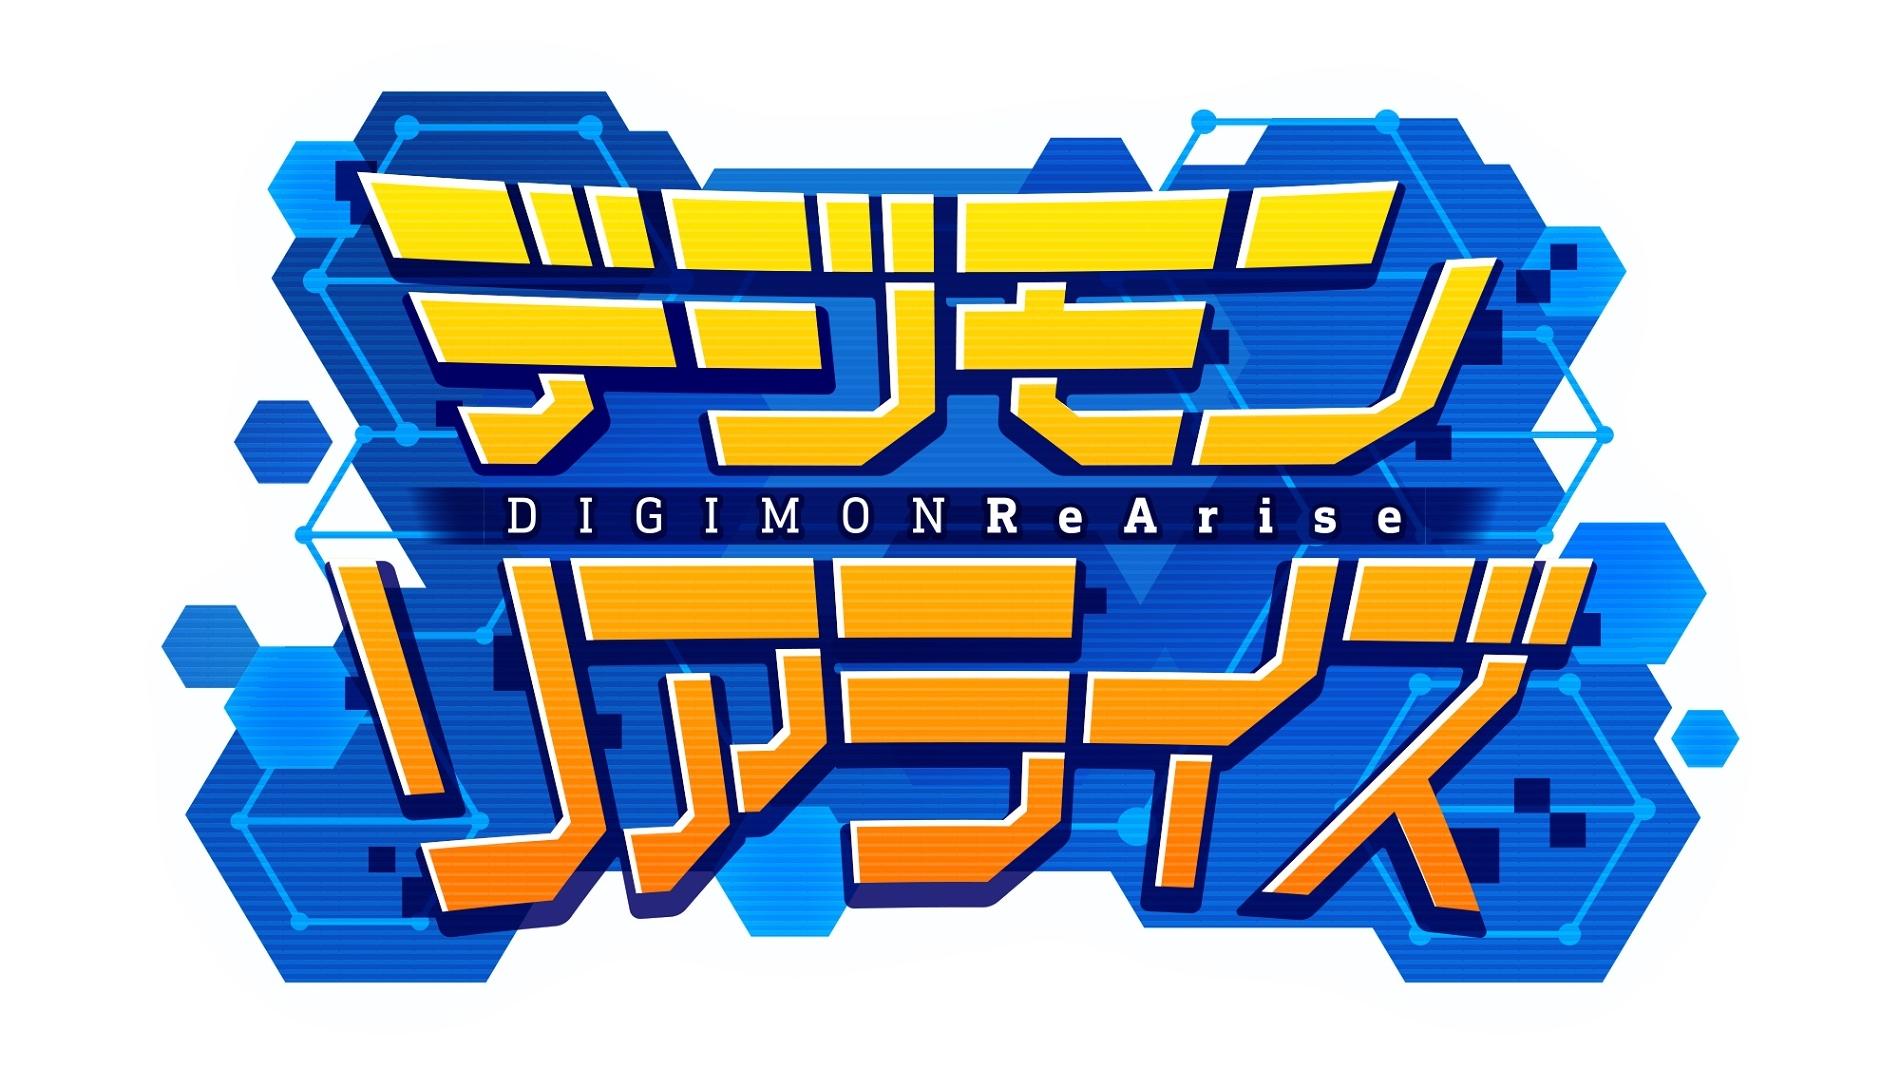 『デジモンリアライズ』のキービジュアルと新デジモン「エリスモン」が公開!